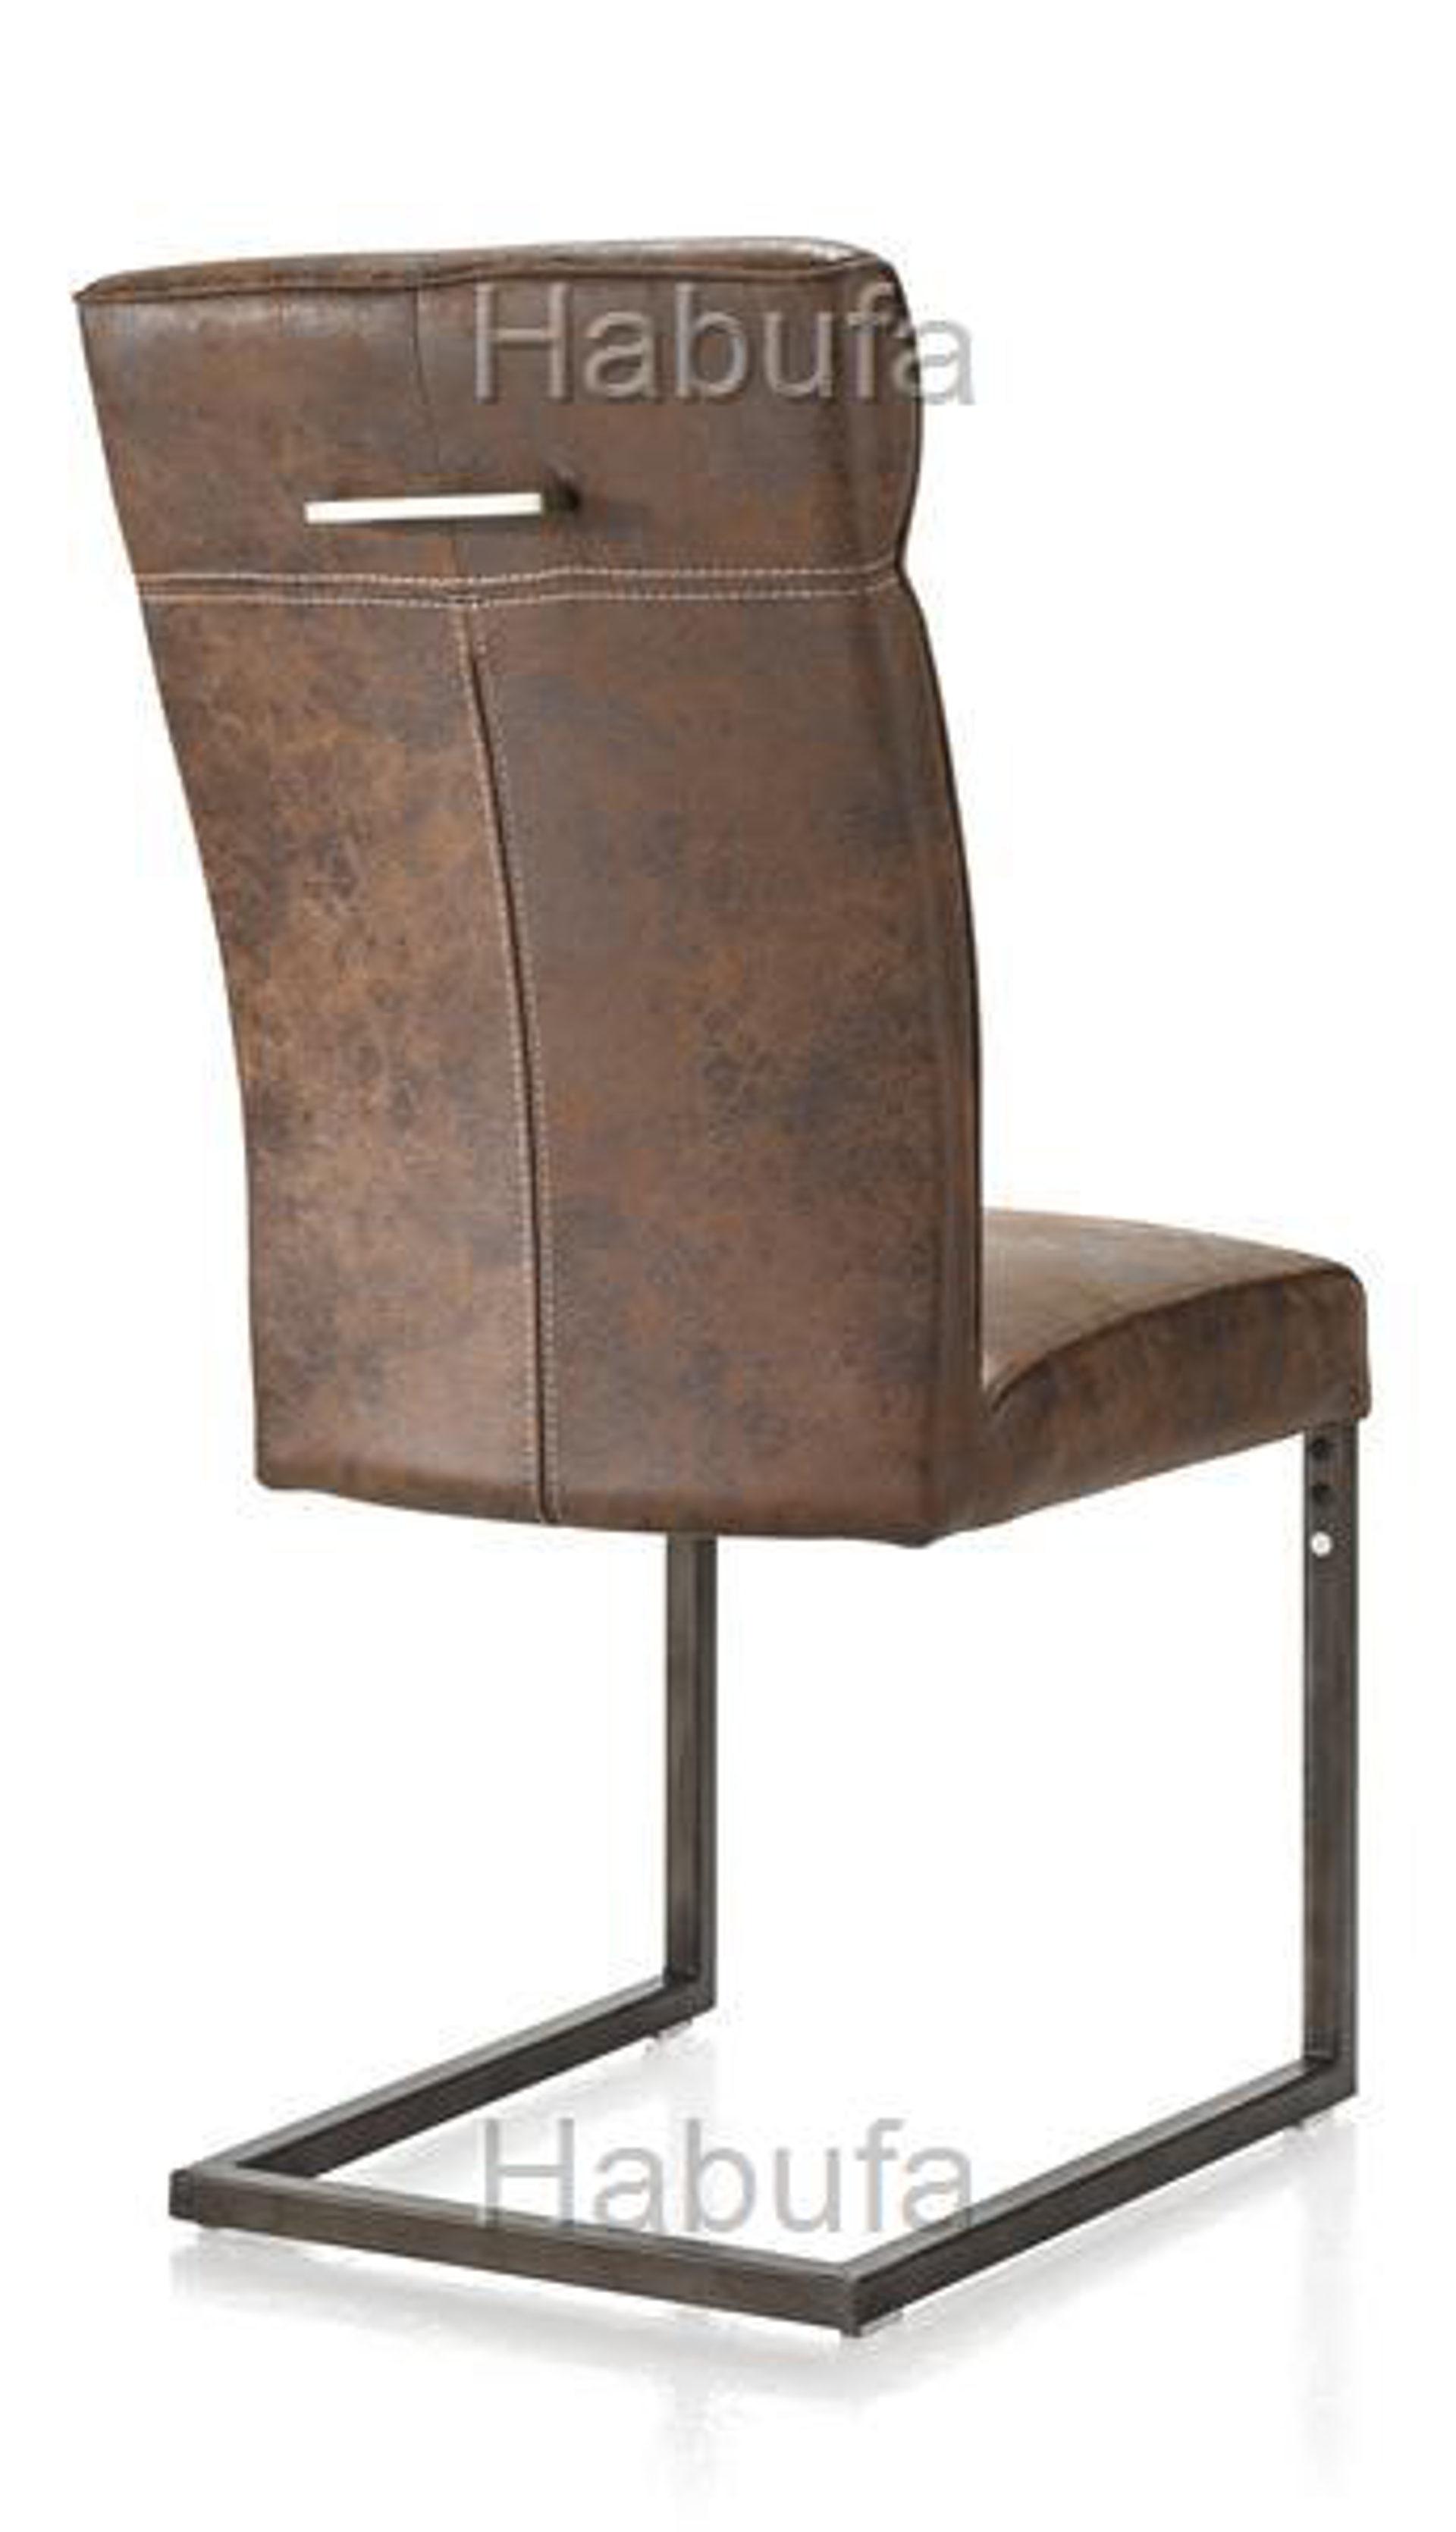 Ausgezeichnet Rustikale Metall Küchenstühle Bilder - Küche Set Ideen ...